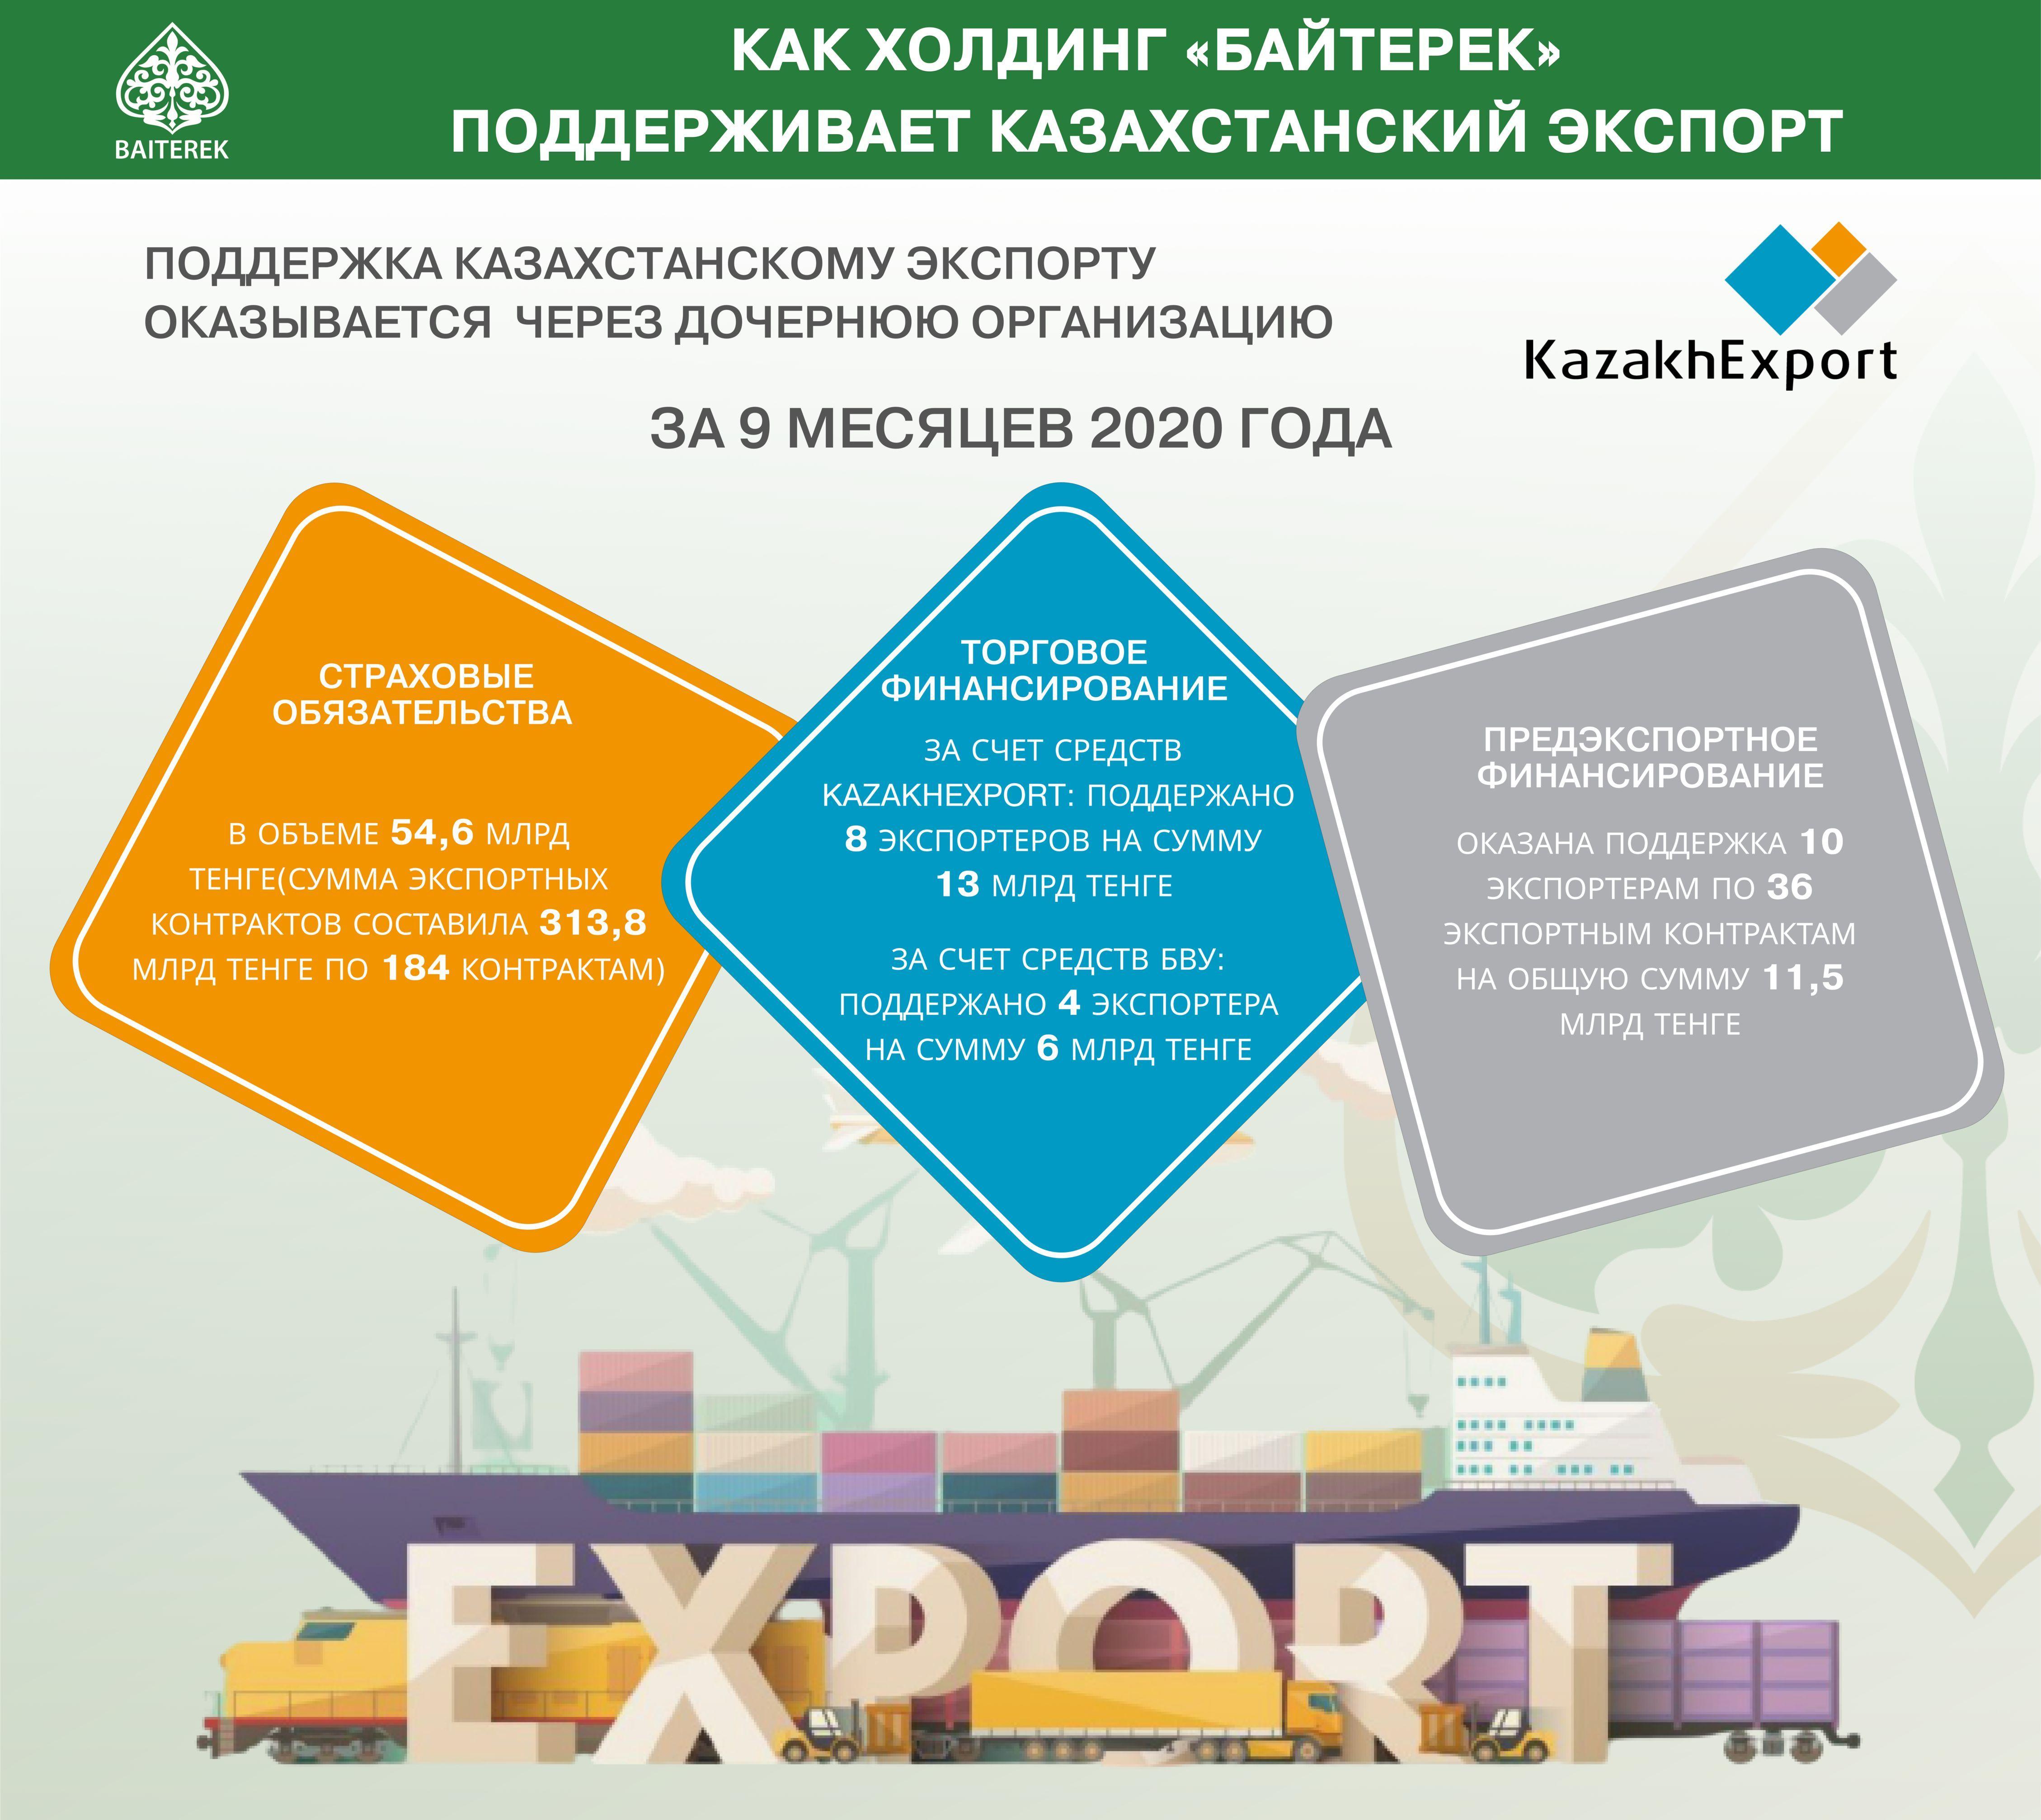 Кто и как помогает экспортерам во время пандемии 506827 - Kapital.kz